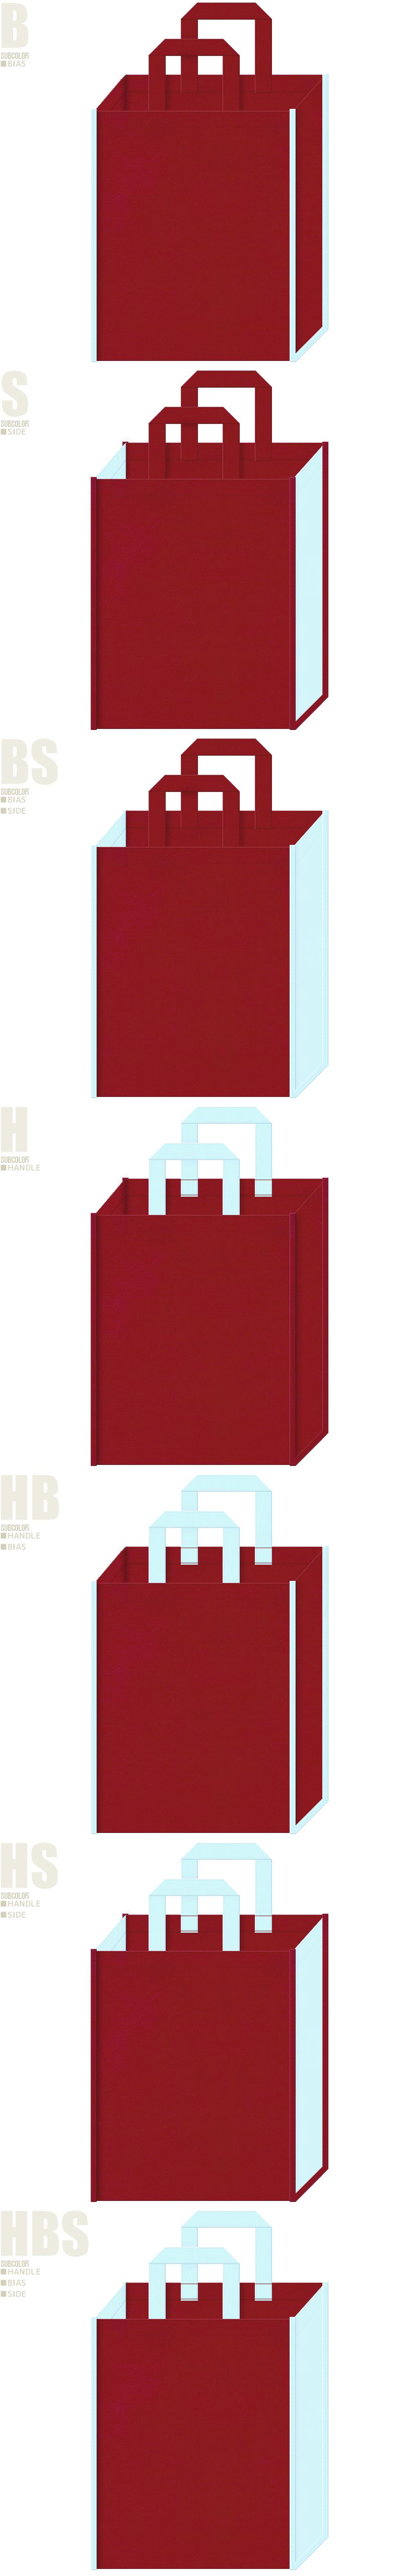 エンジ色と水色、7パターンの不織布トートバッグ配色デザイン例。